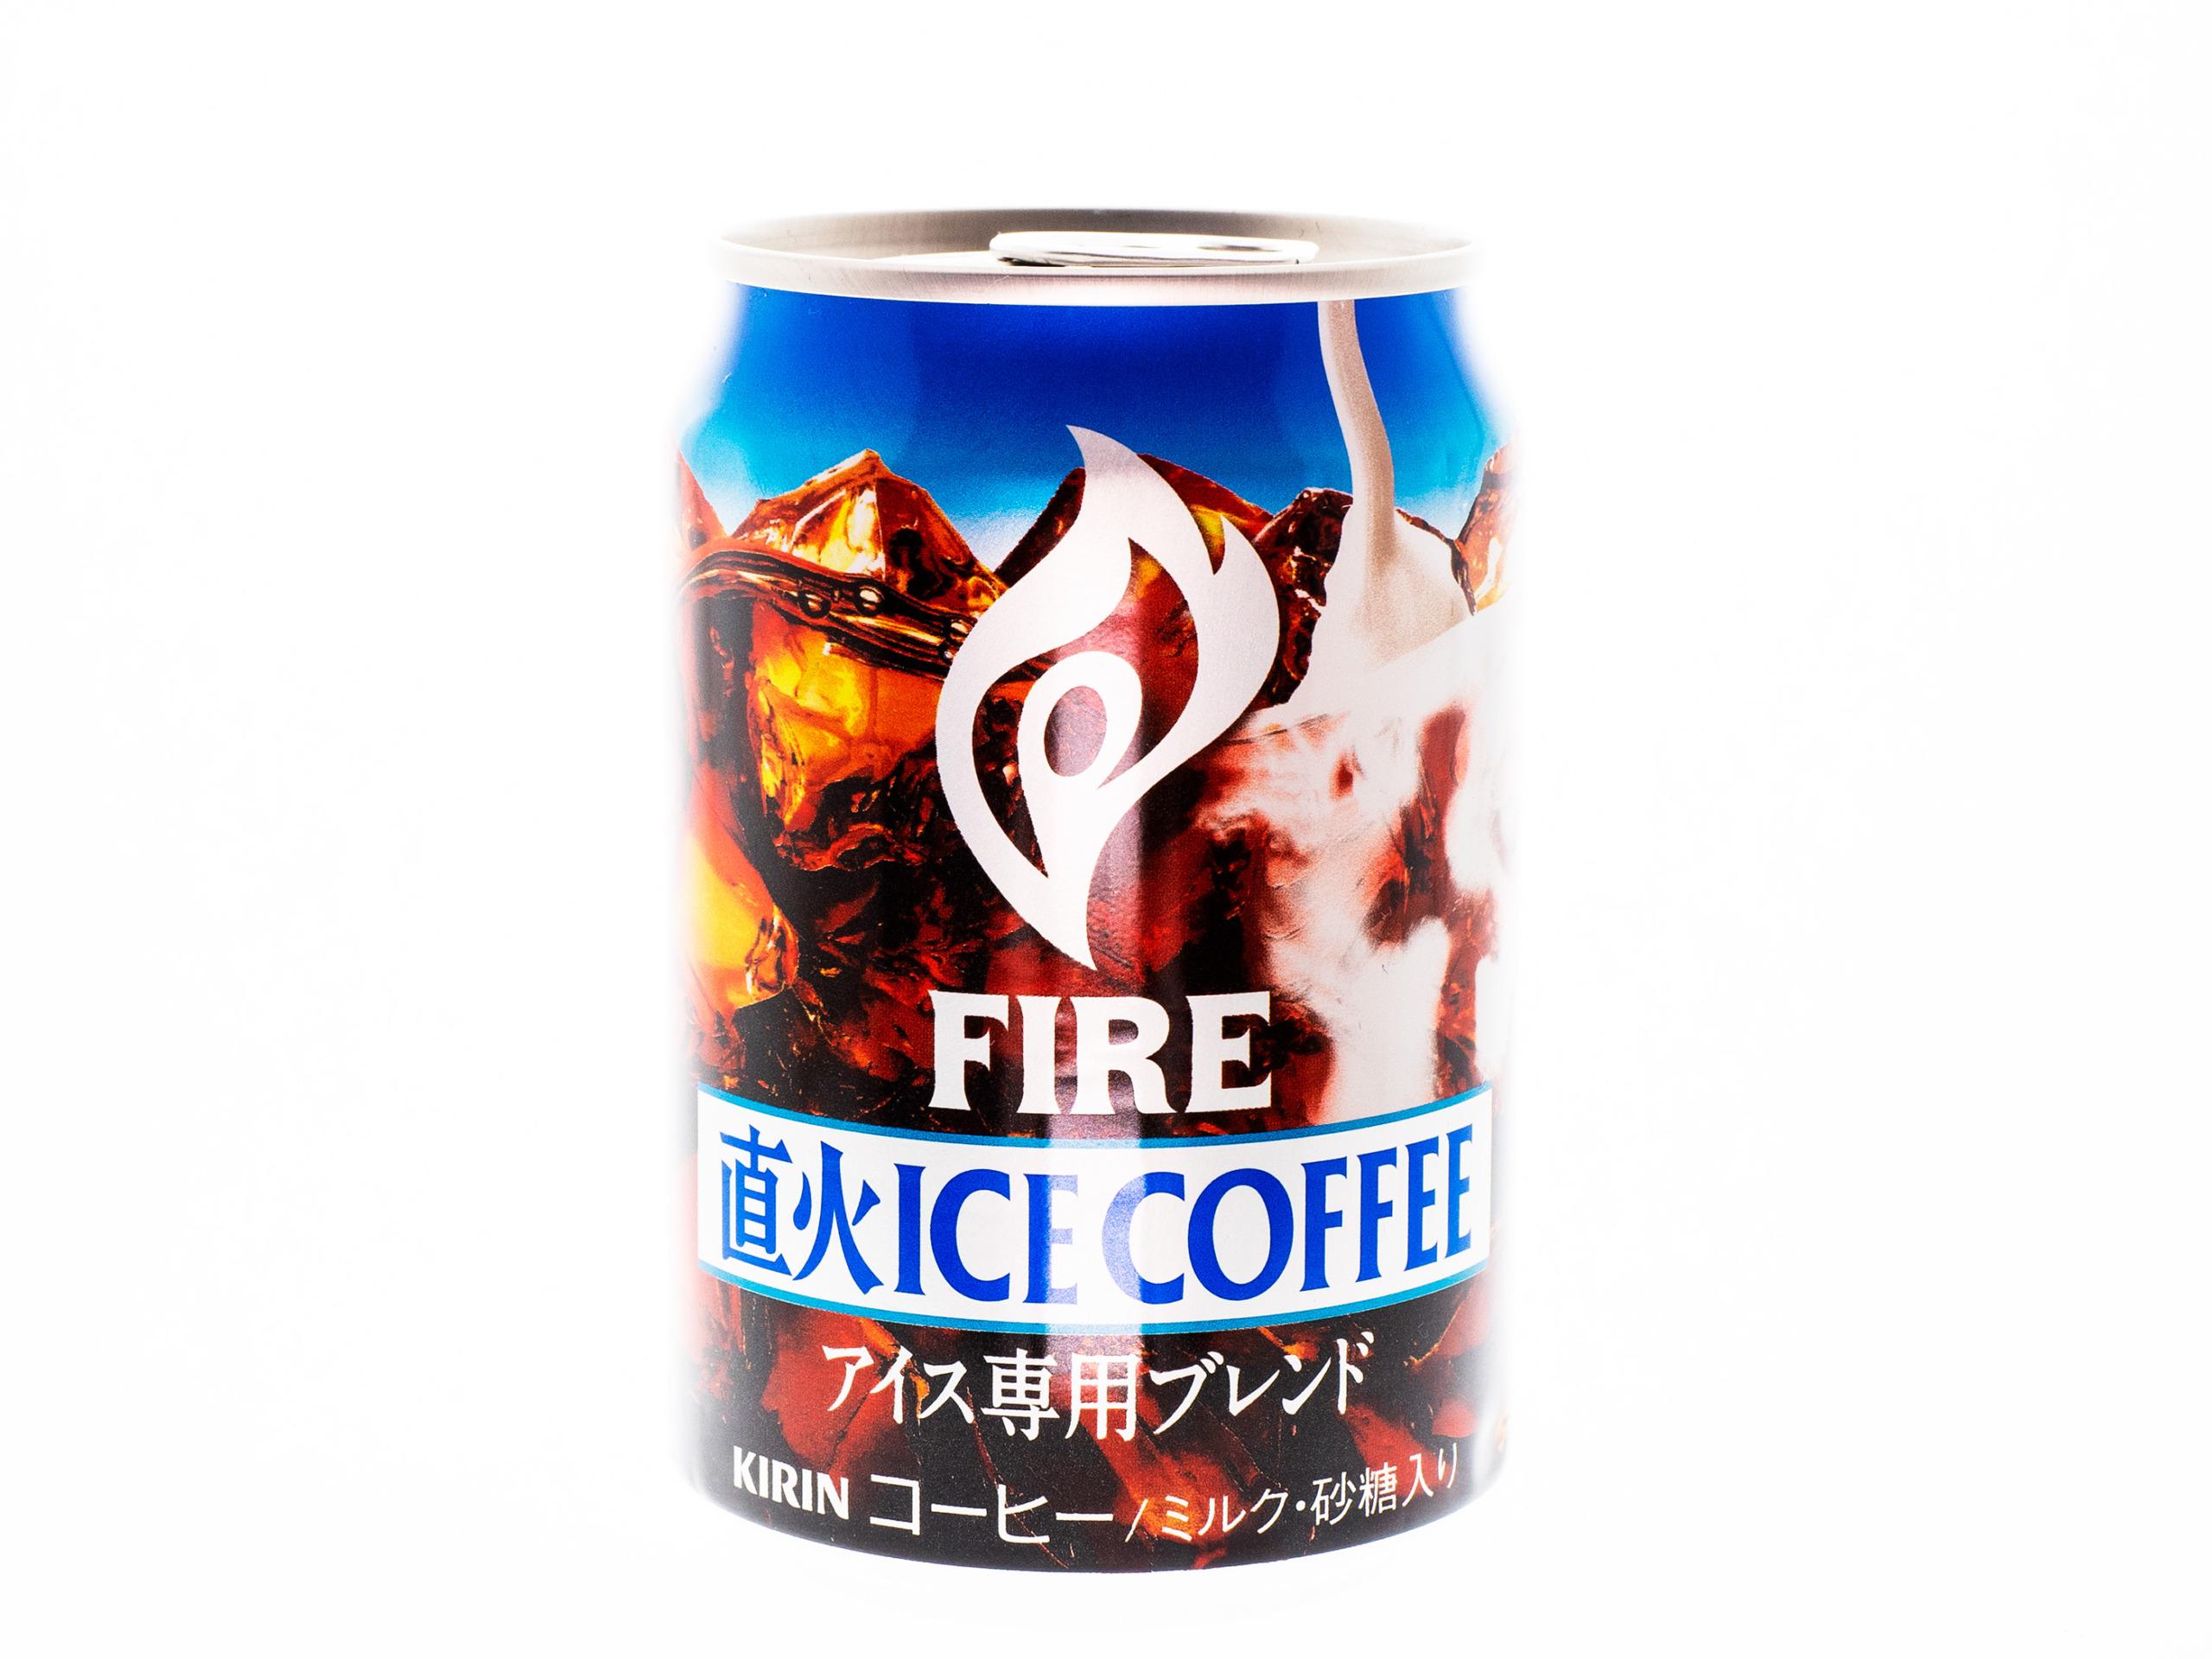 キリンビバレッジ FIRE 直火アイスコーヒー